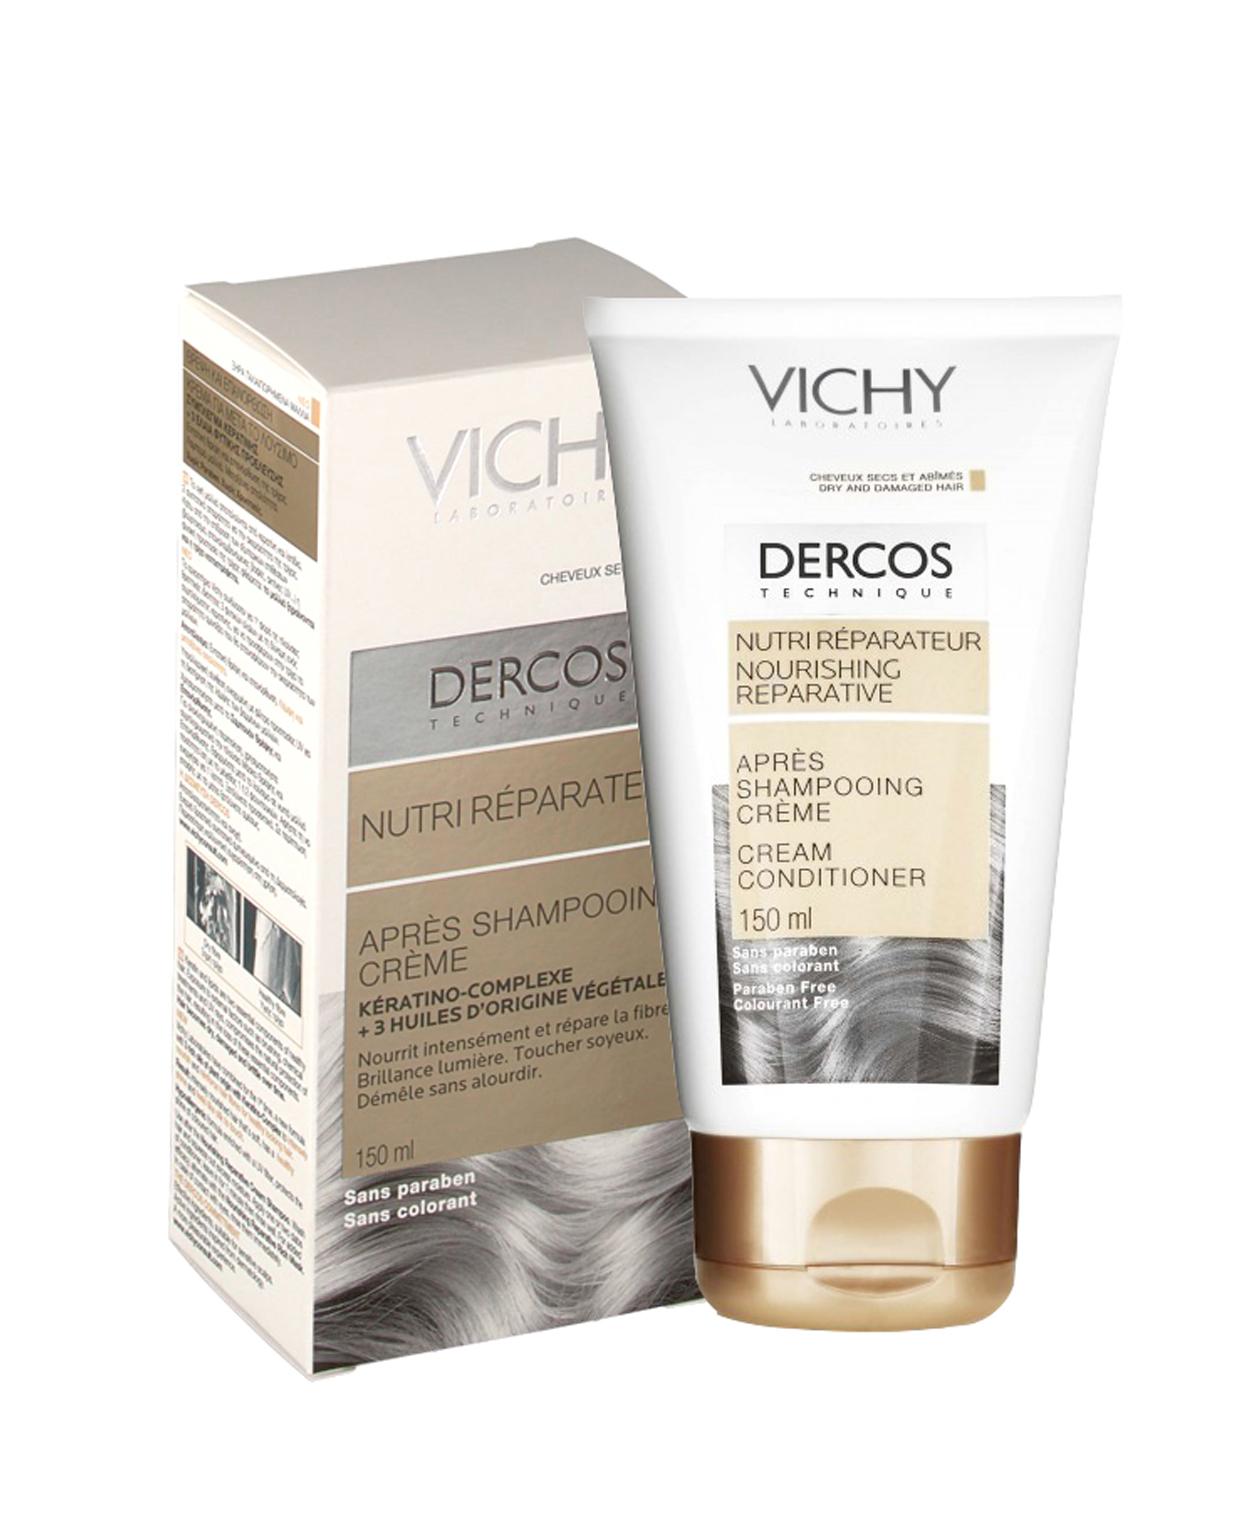 Dercos Nutri-réparateur Après Shampooing Crème 150 ml